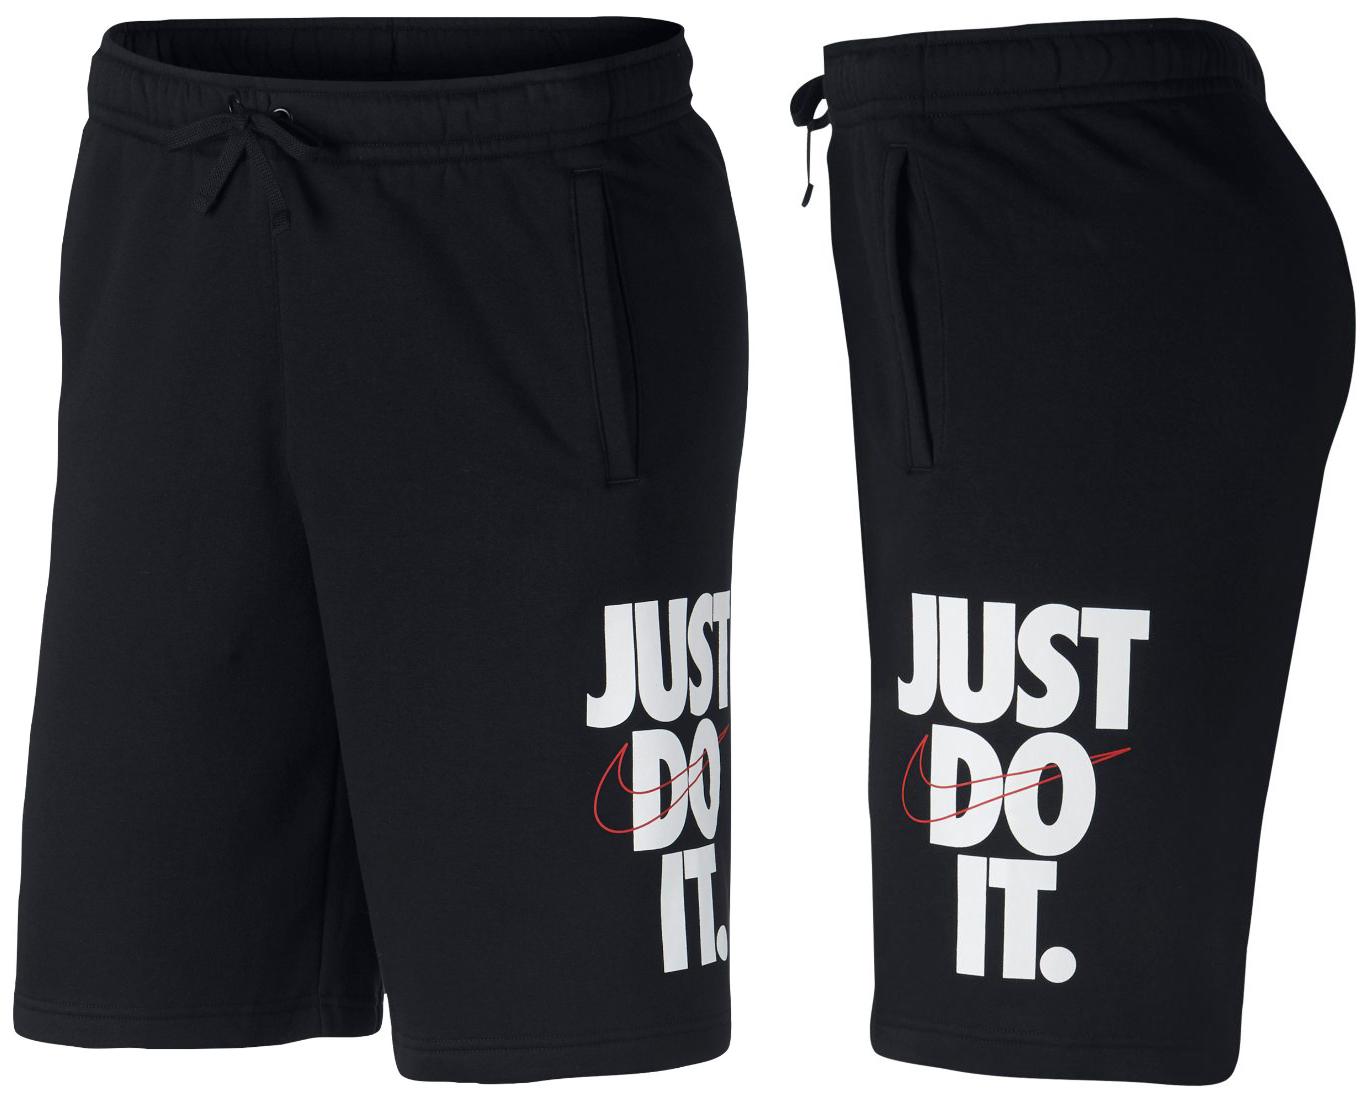 nike-air-max-just-do-it-shorts